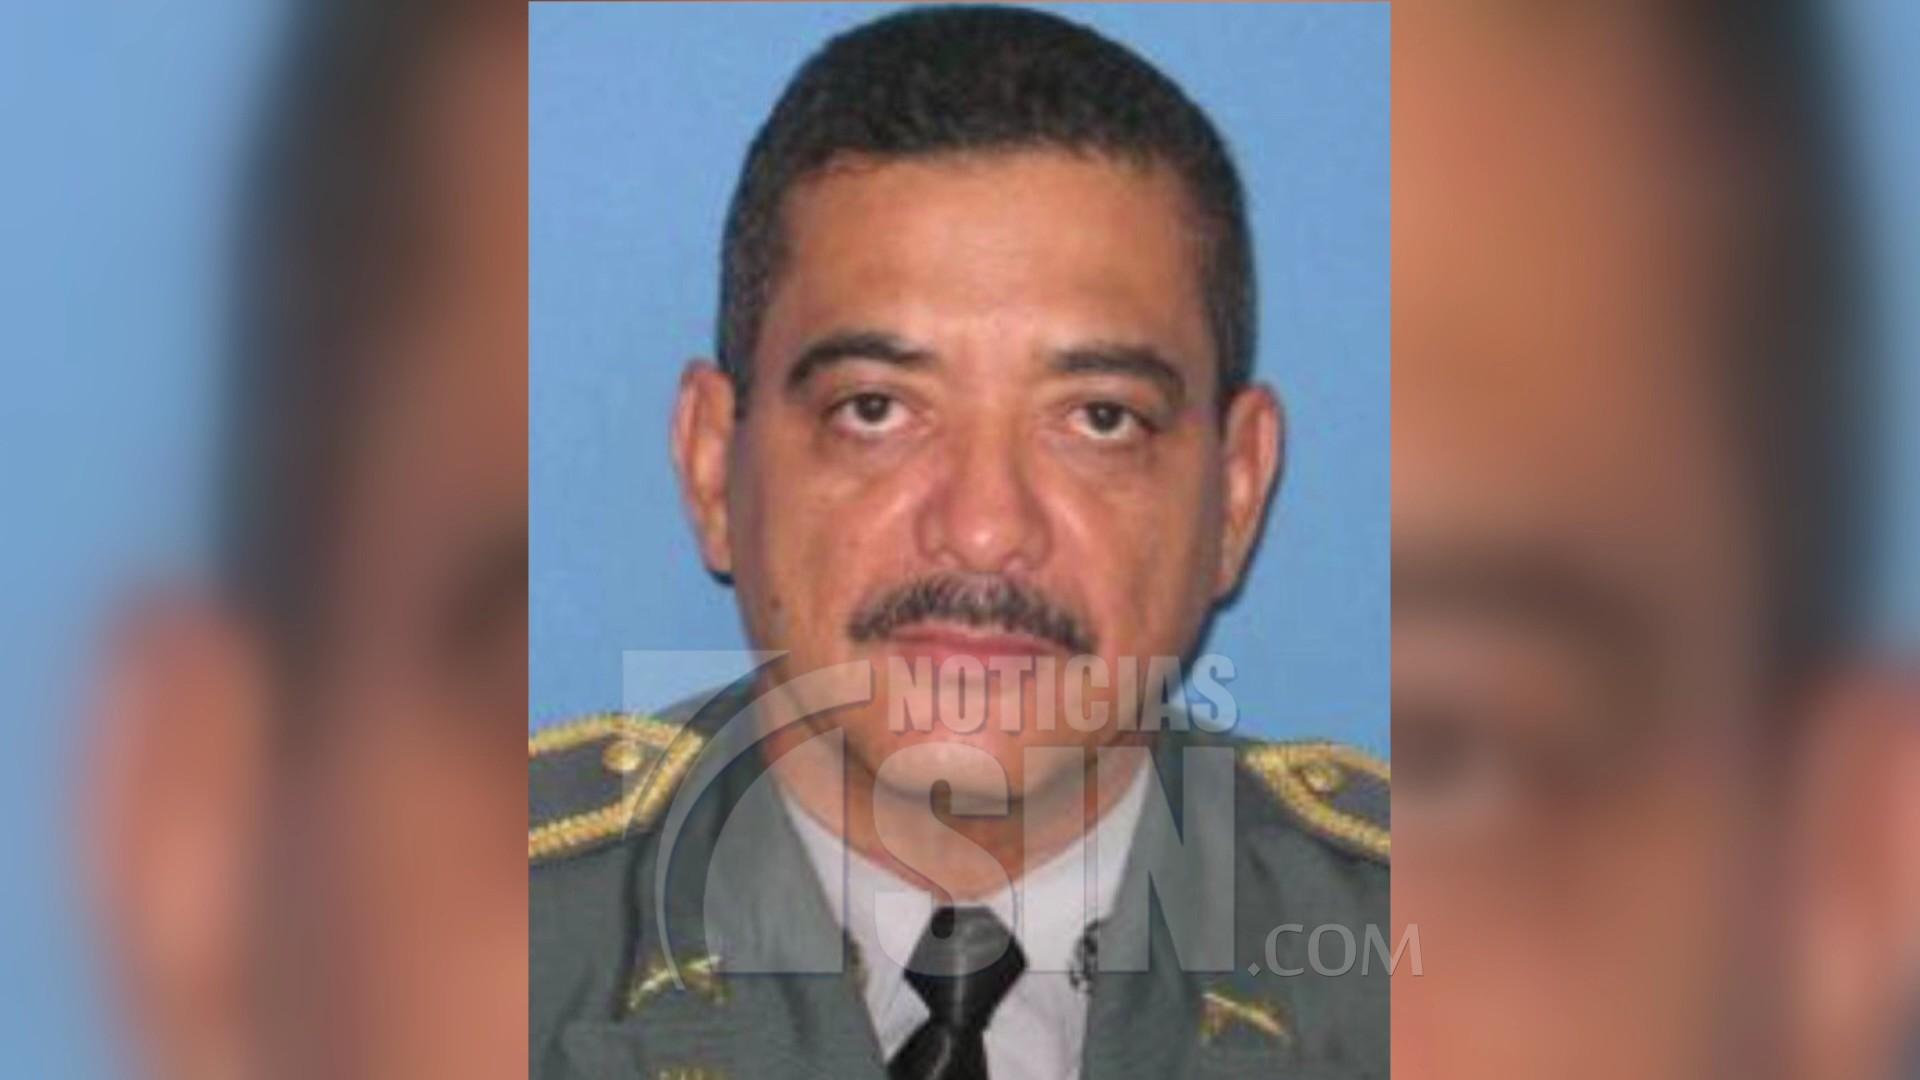 MIP: Resultados de investigación caso coronel estarán listos en 20 días